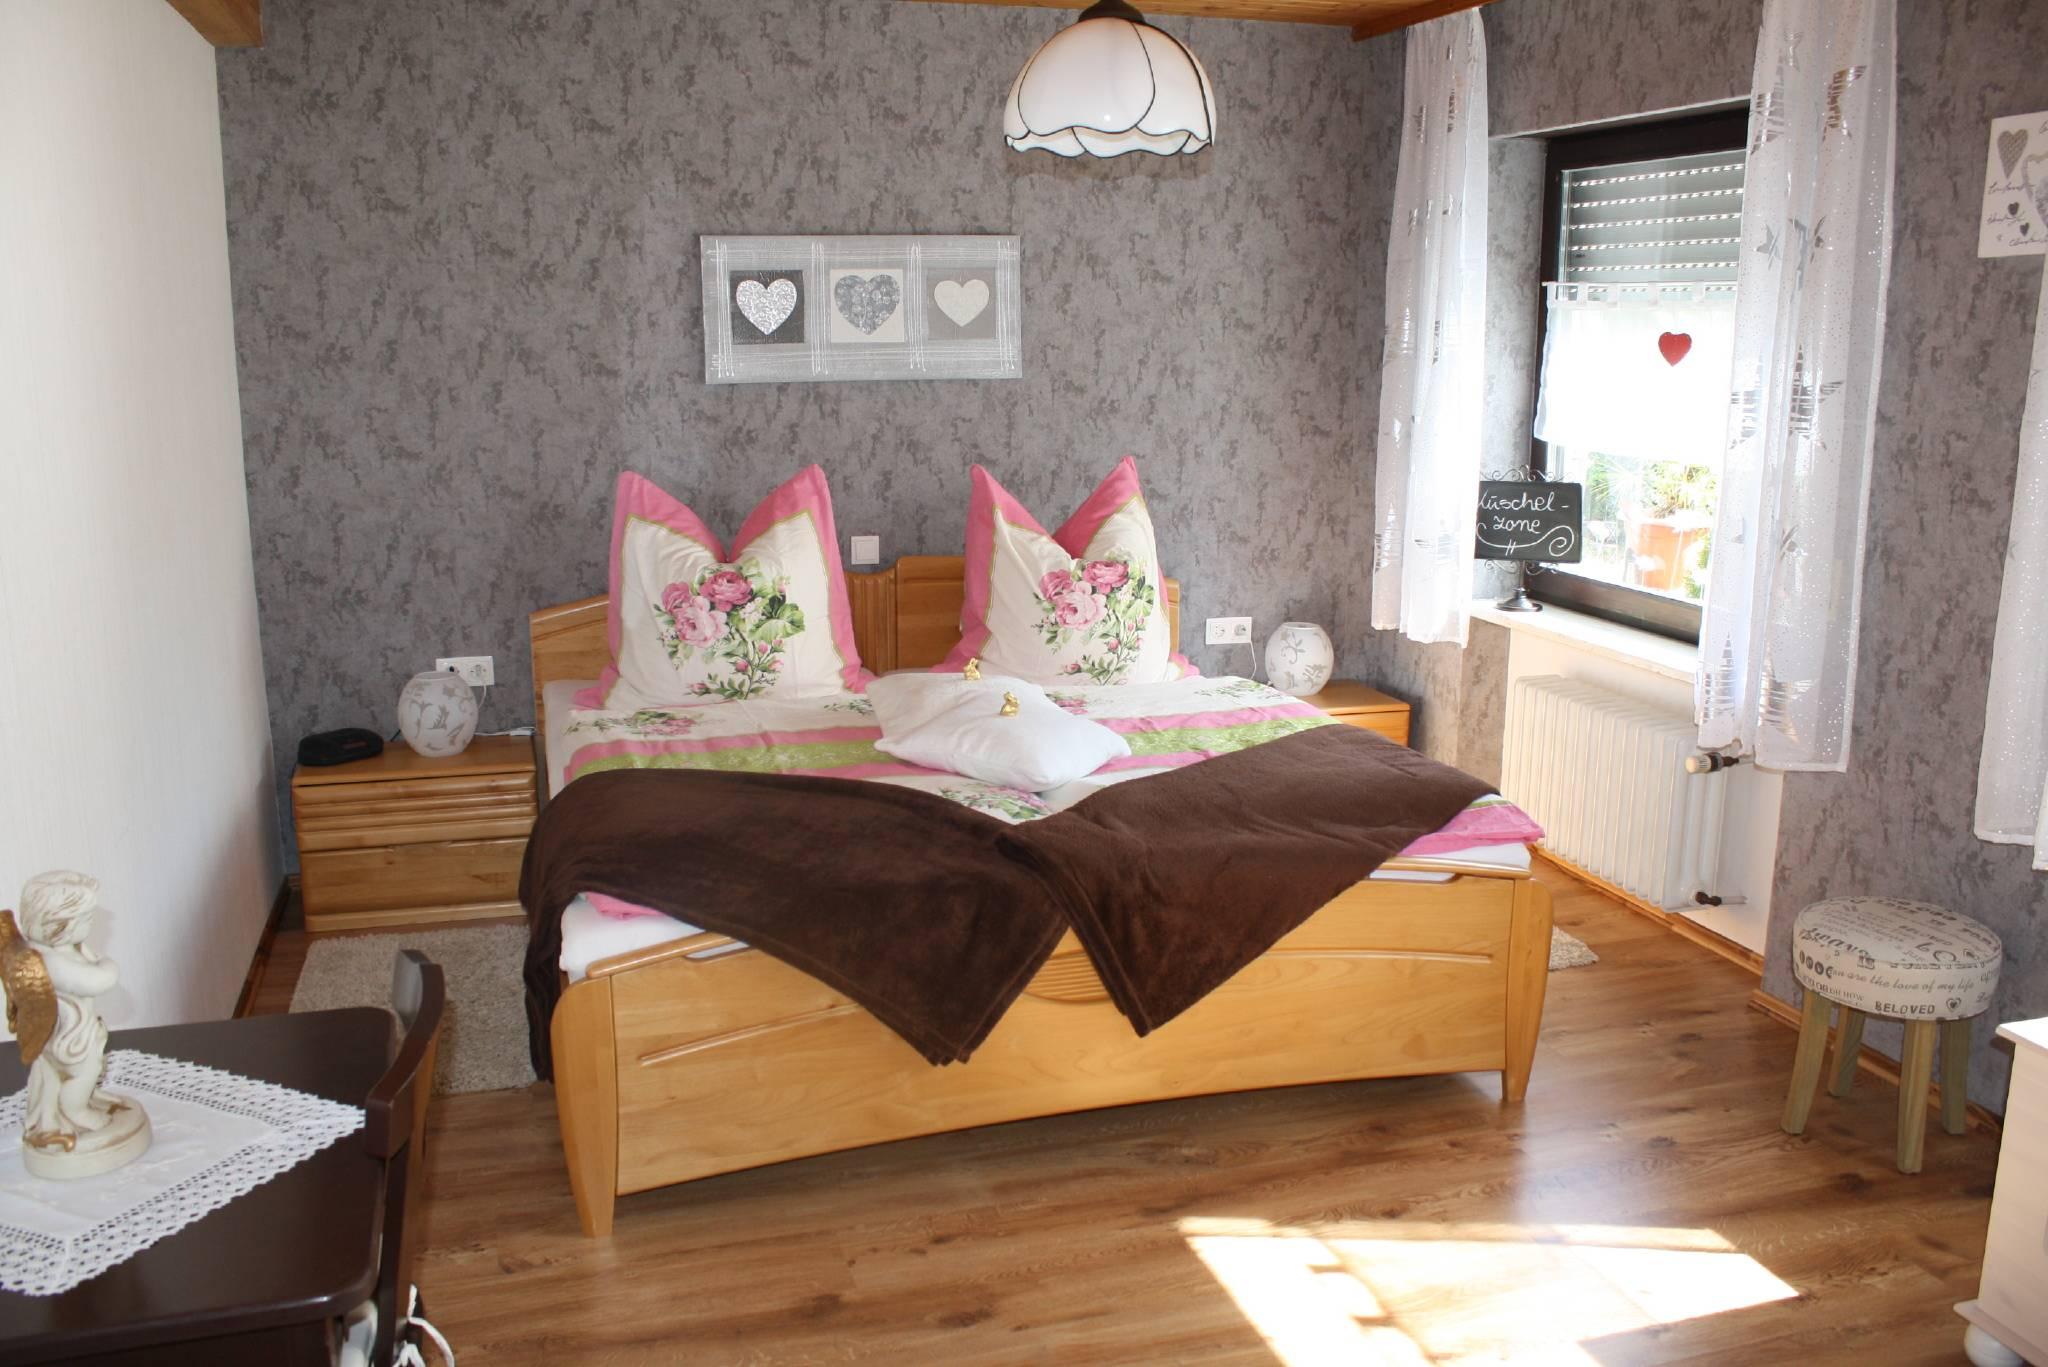 ferienwohnung leipold in segnitz bayern helmut und monika leipold. Black Bedroom Furniture Sets. Home Design Ideas